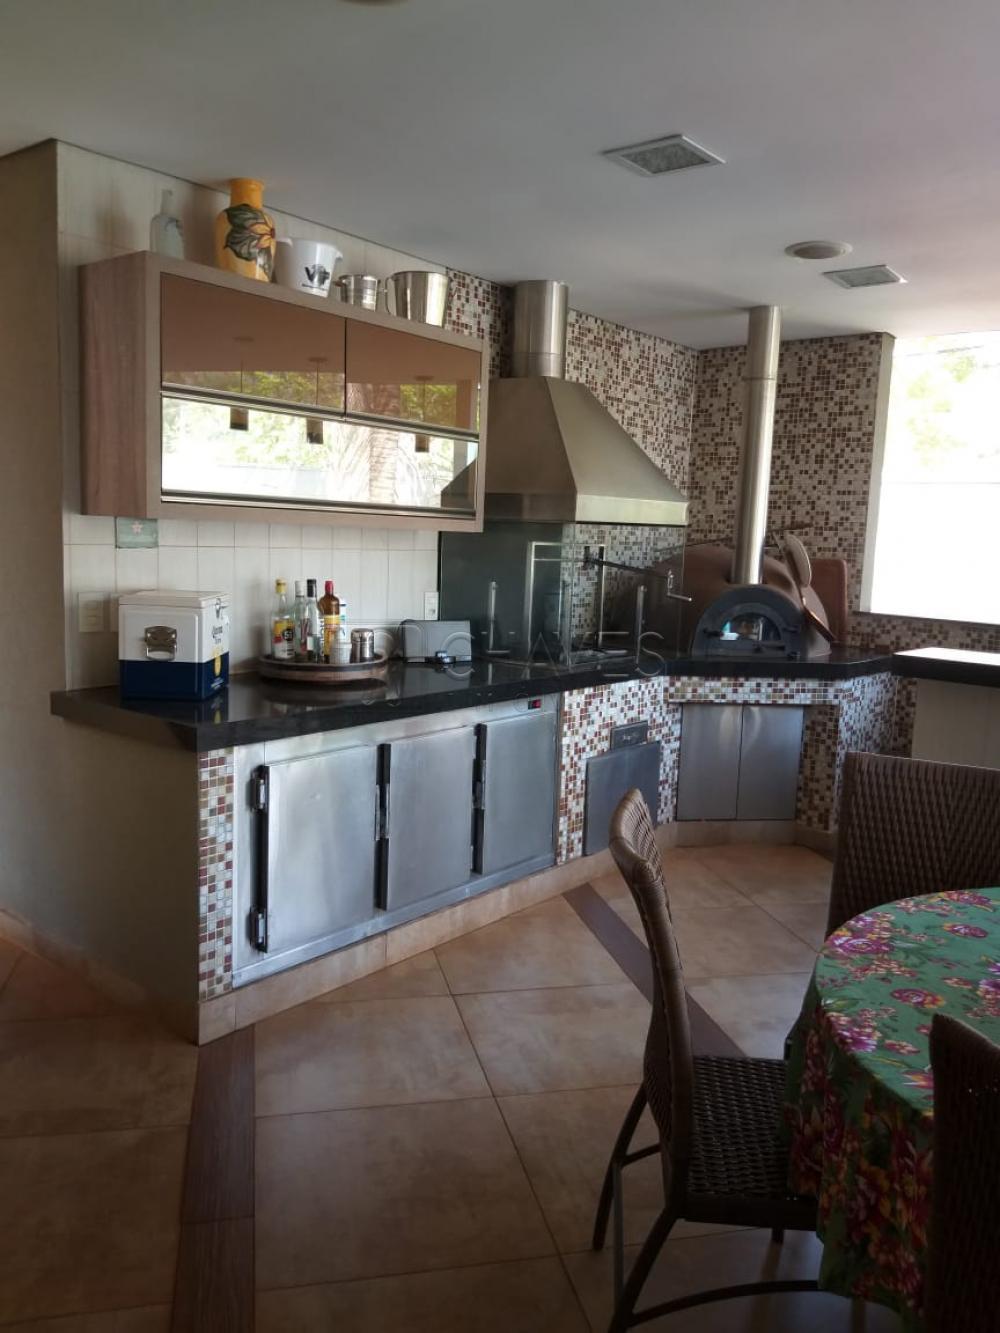 Comprar Casa / Condomínio em Ribeirão Preto R$ 1.400.000,00 - Foto 19